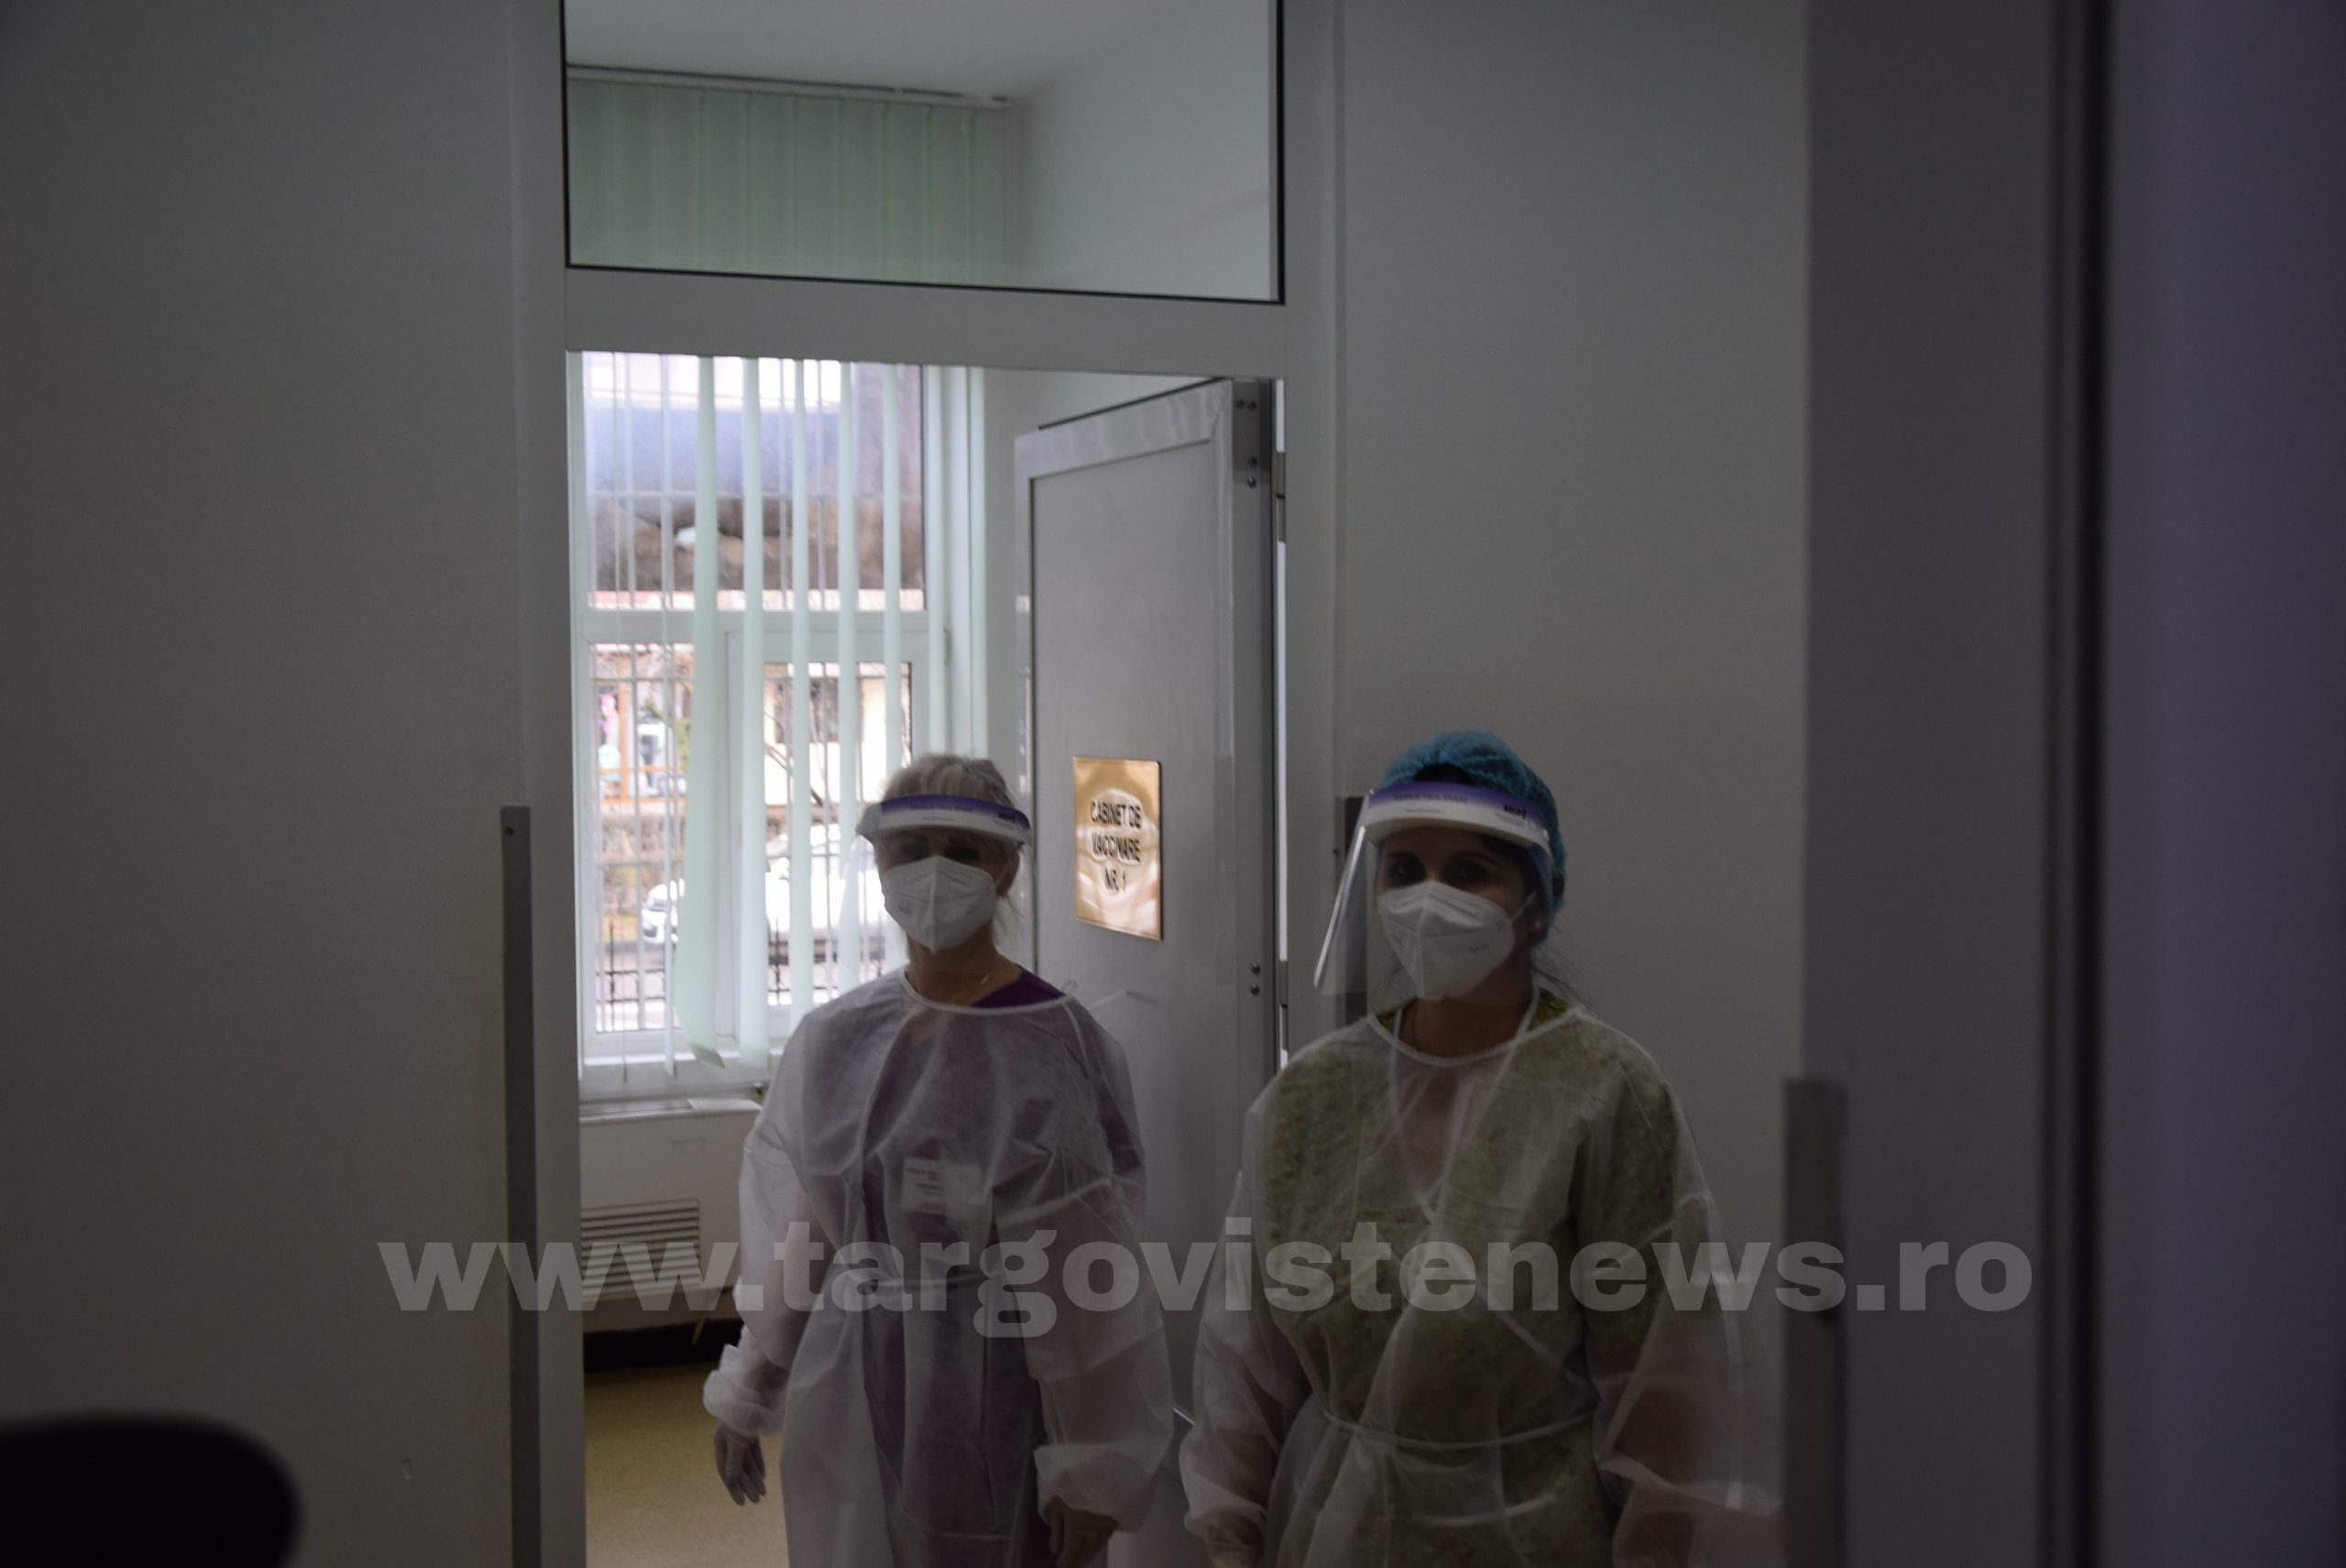 400 de angajați ai Spitalului Județean de Urgență Târgoviște au fost deja vaccinați împotriva Covid-19